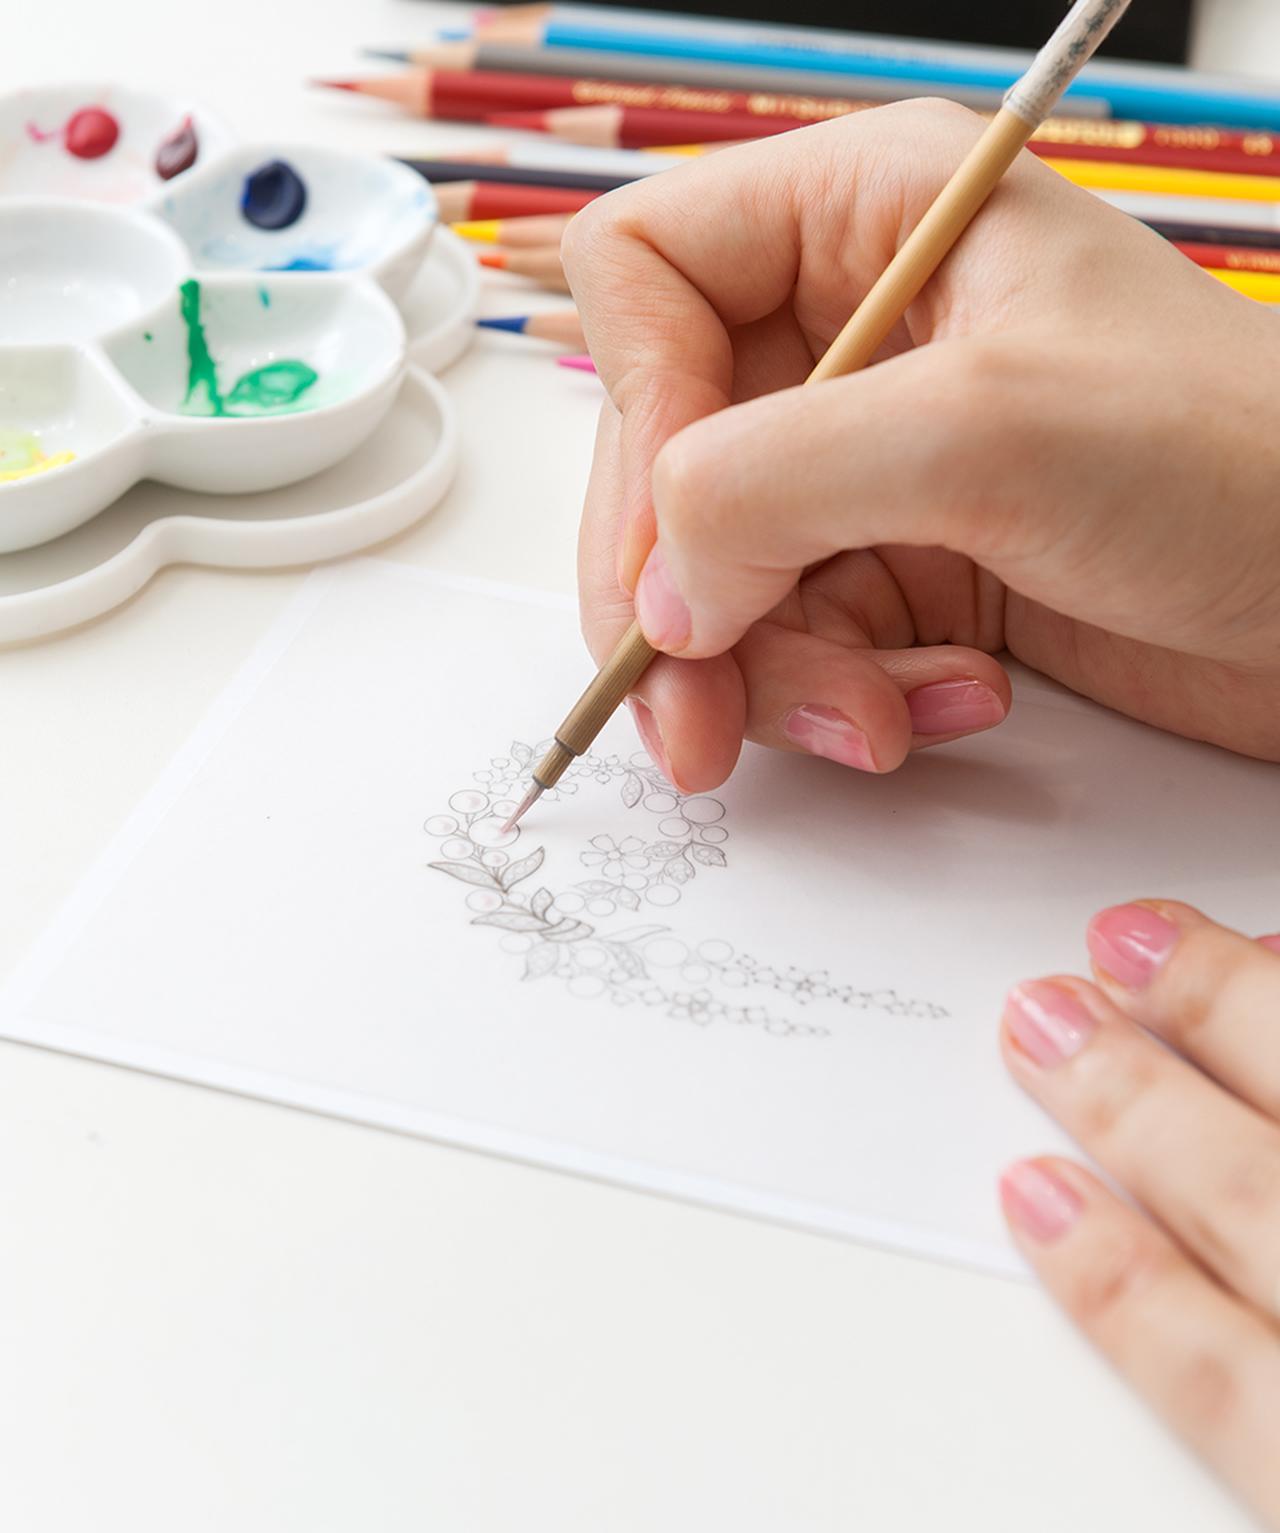 Images : 2番目の画像 - 「職人の手業から始まる美の物語。 ミキモトのクラフツマンシップと ジュエリー誕生の秘密を探る」のアルバム - T JAPAN:The New York Times Style Magazine 公式サイト